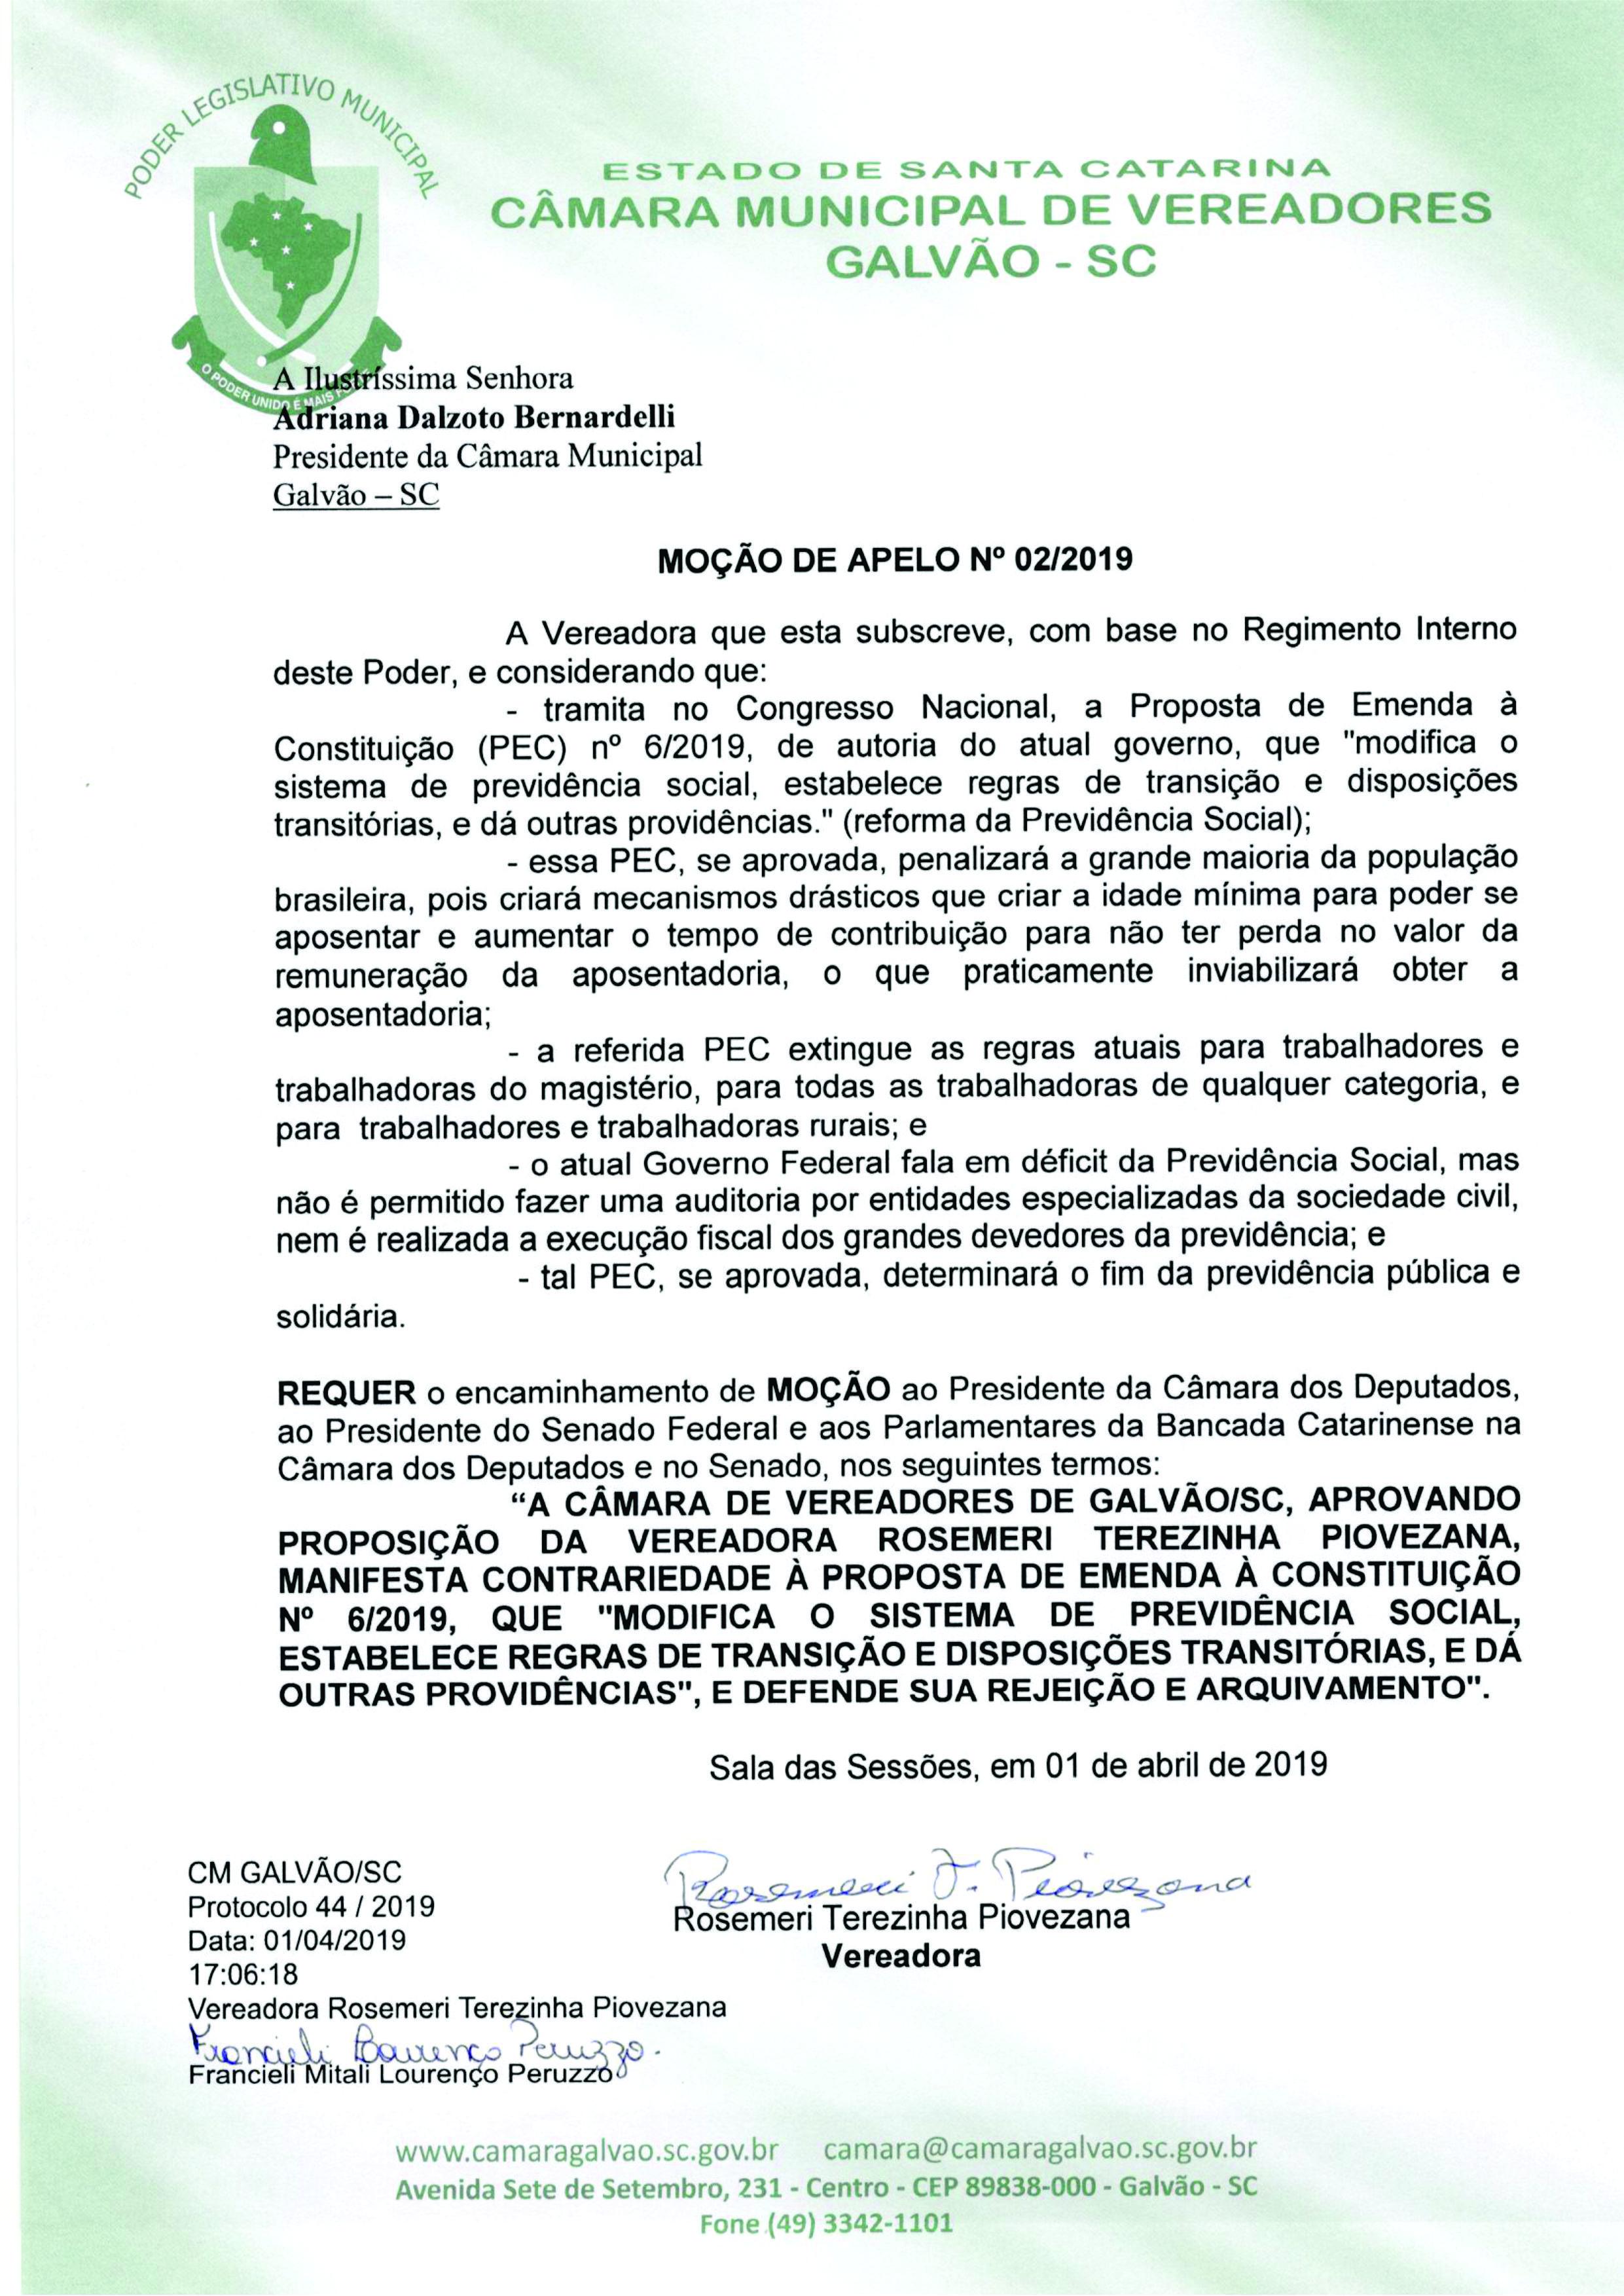 Câmara de Vereadores de Galvão aprova Moção de Apelo contra a Reforma da Previdência, por unanimidade